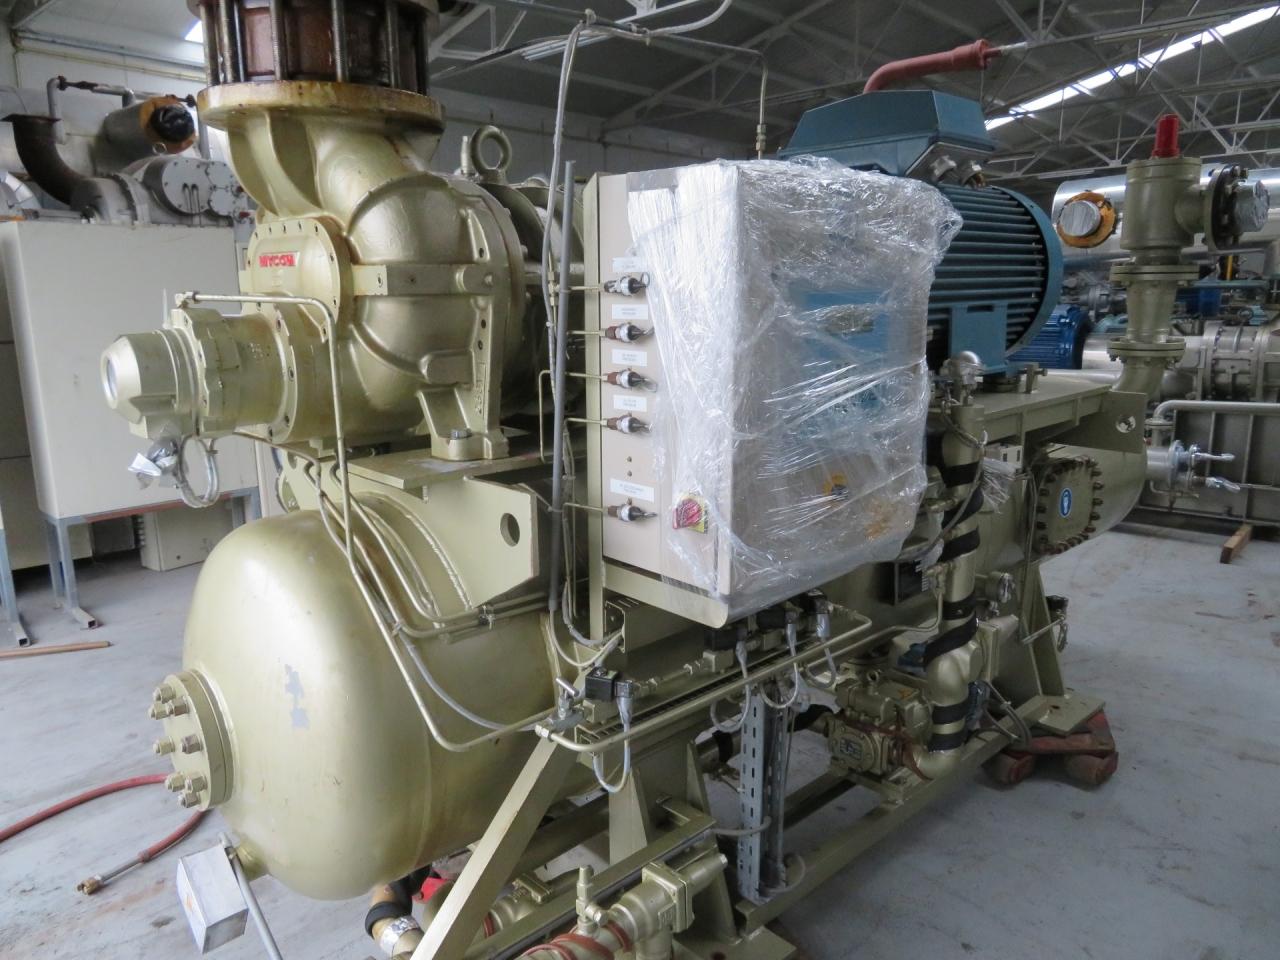 Compressor Unit Mycom 250VLD 2 6 - HOS BV